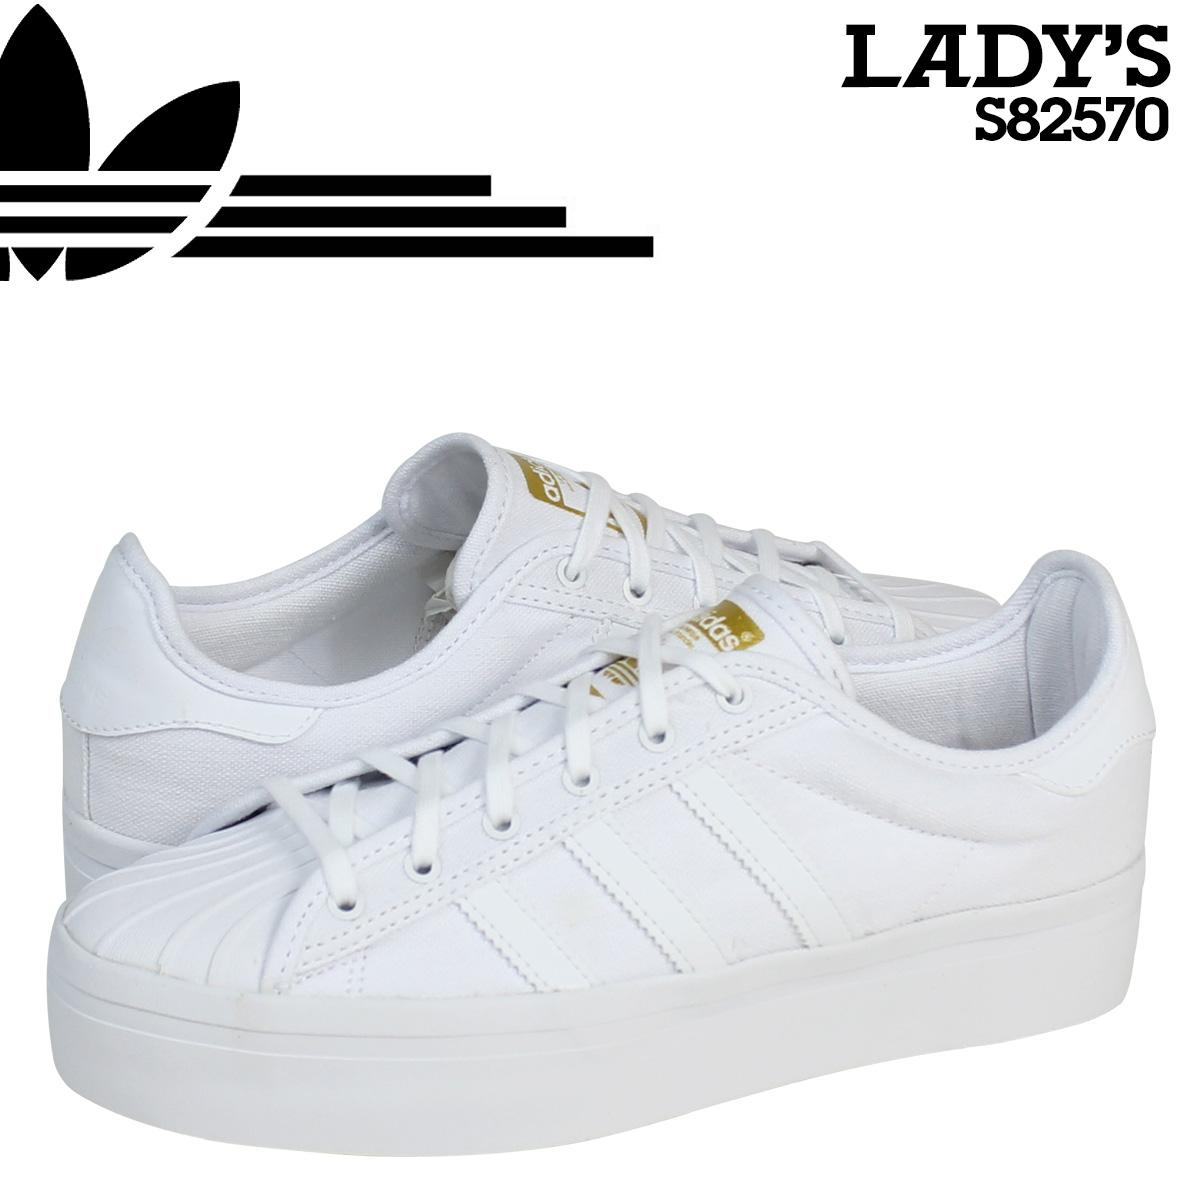 ... Adidas originals adidas Originals Womens SUPERSTAR RIZE W sneakers Super  Star rise S82570 white [8